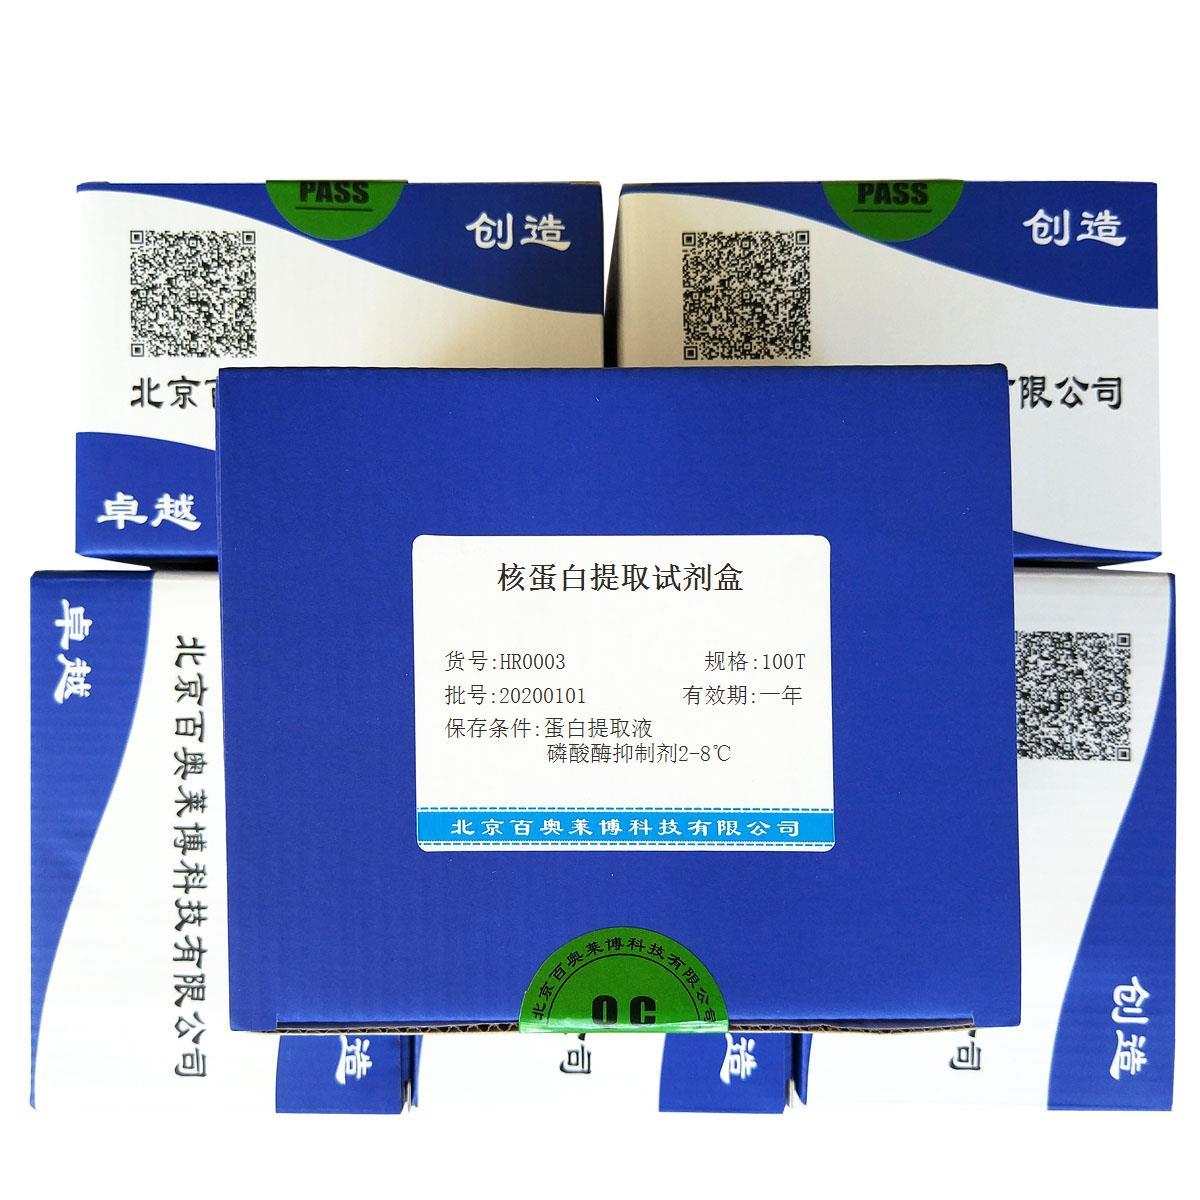 核蛋白提取试剂盒价格